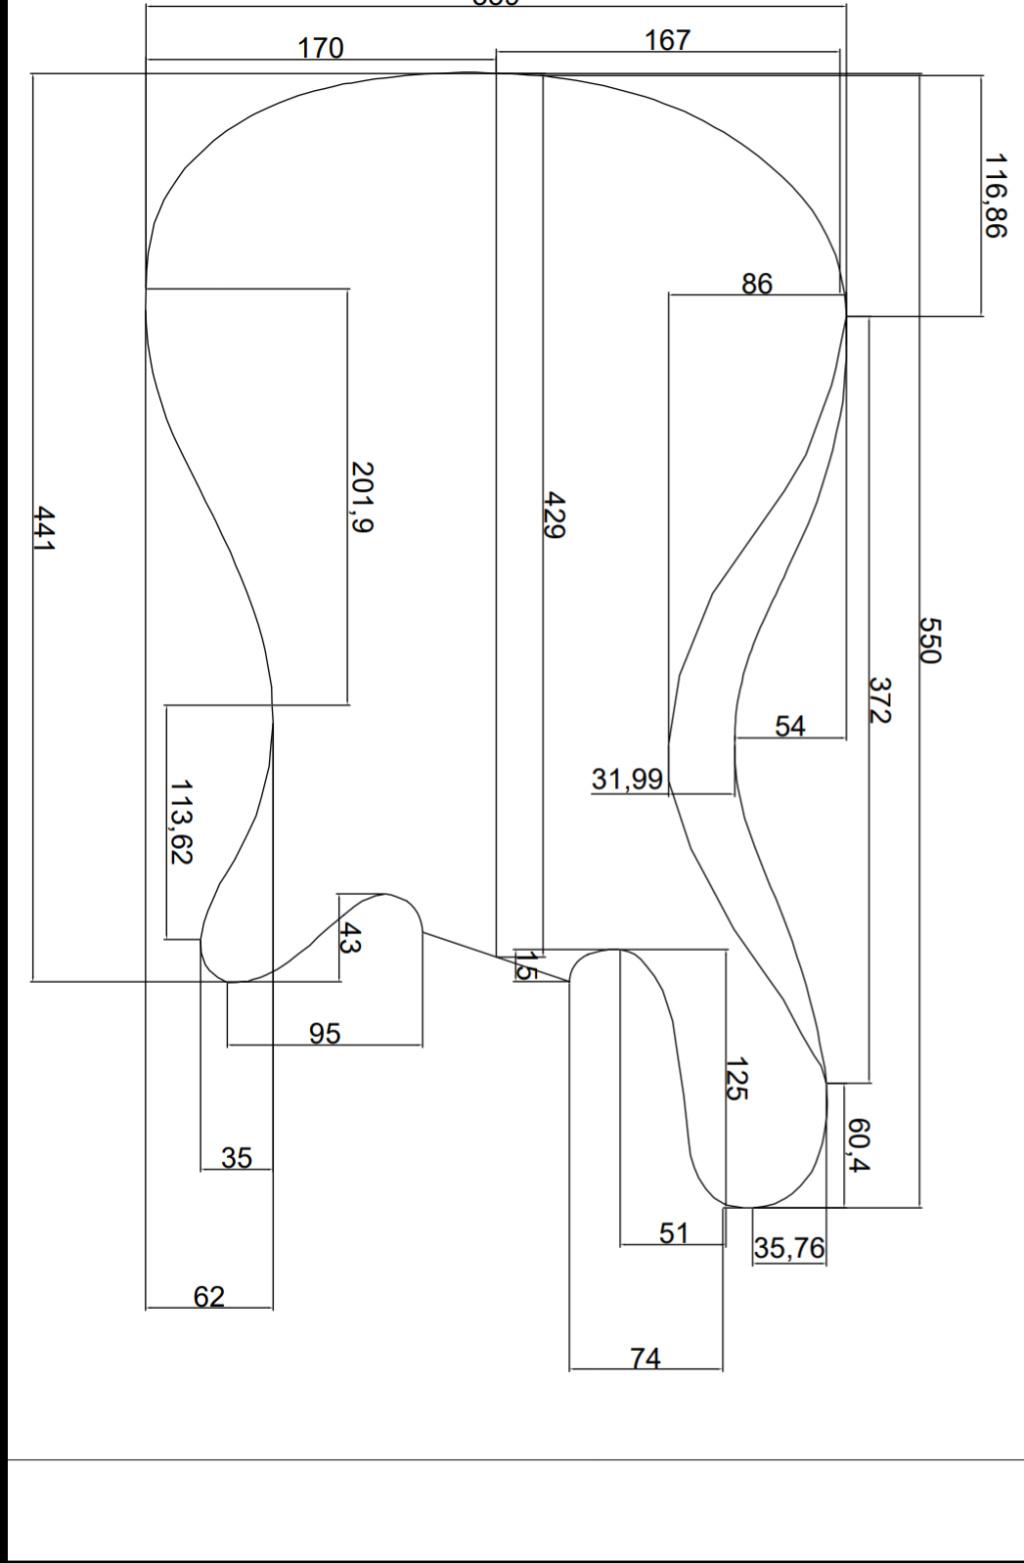 Distância e entre a ponte e o nut - Contrabaixo Elétrico Screen11